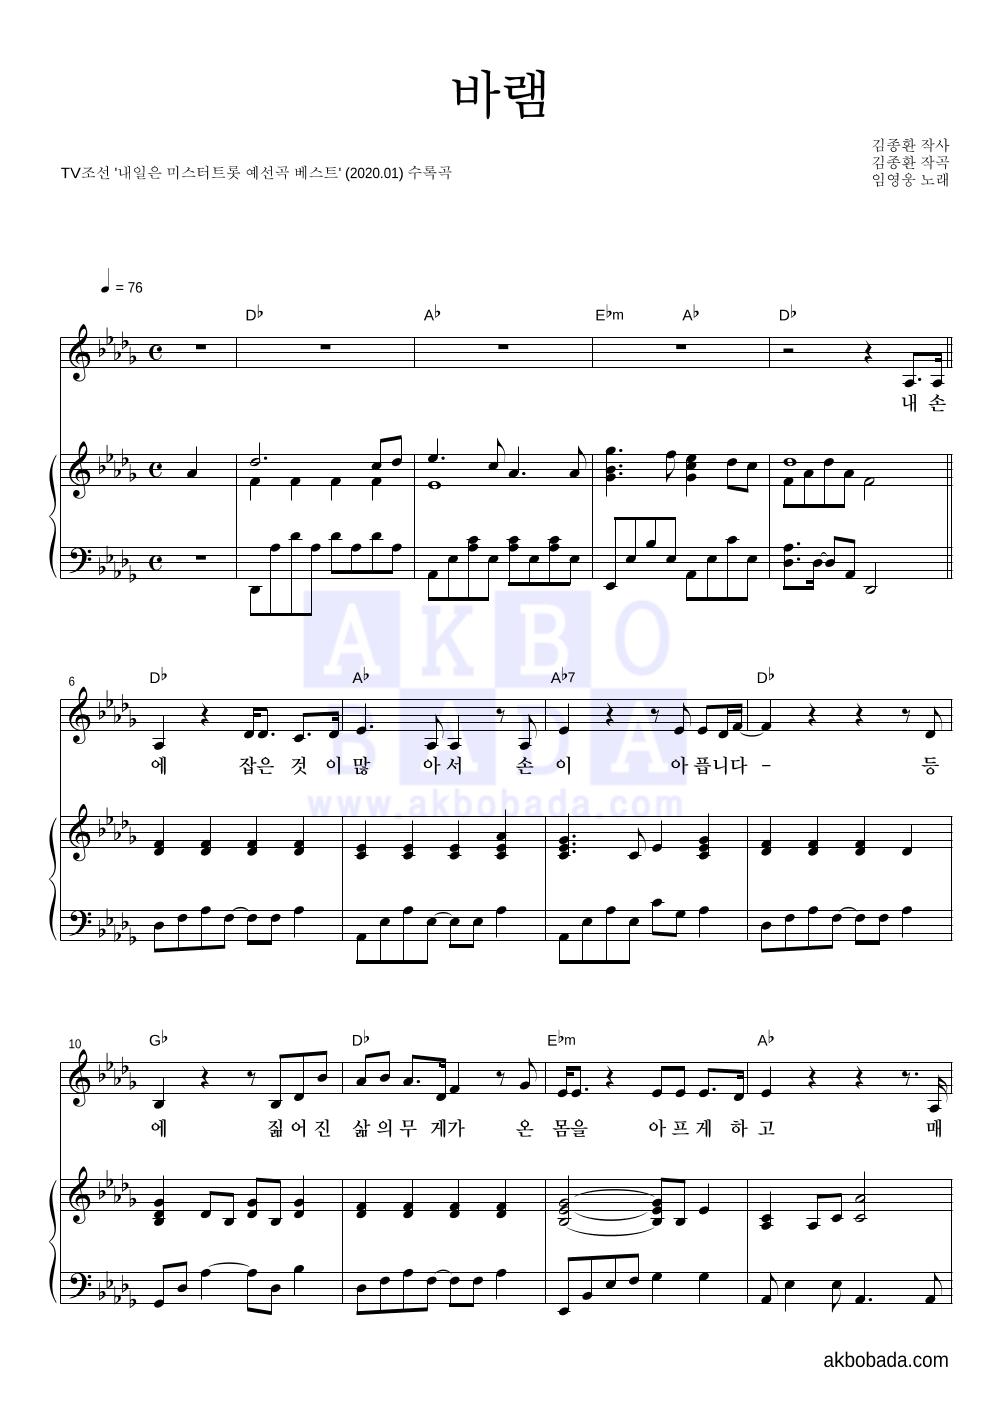 임영웅 - 바램 피아노 3단 악보